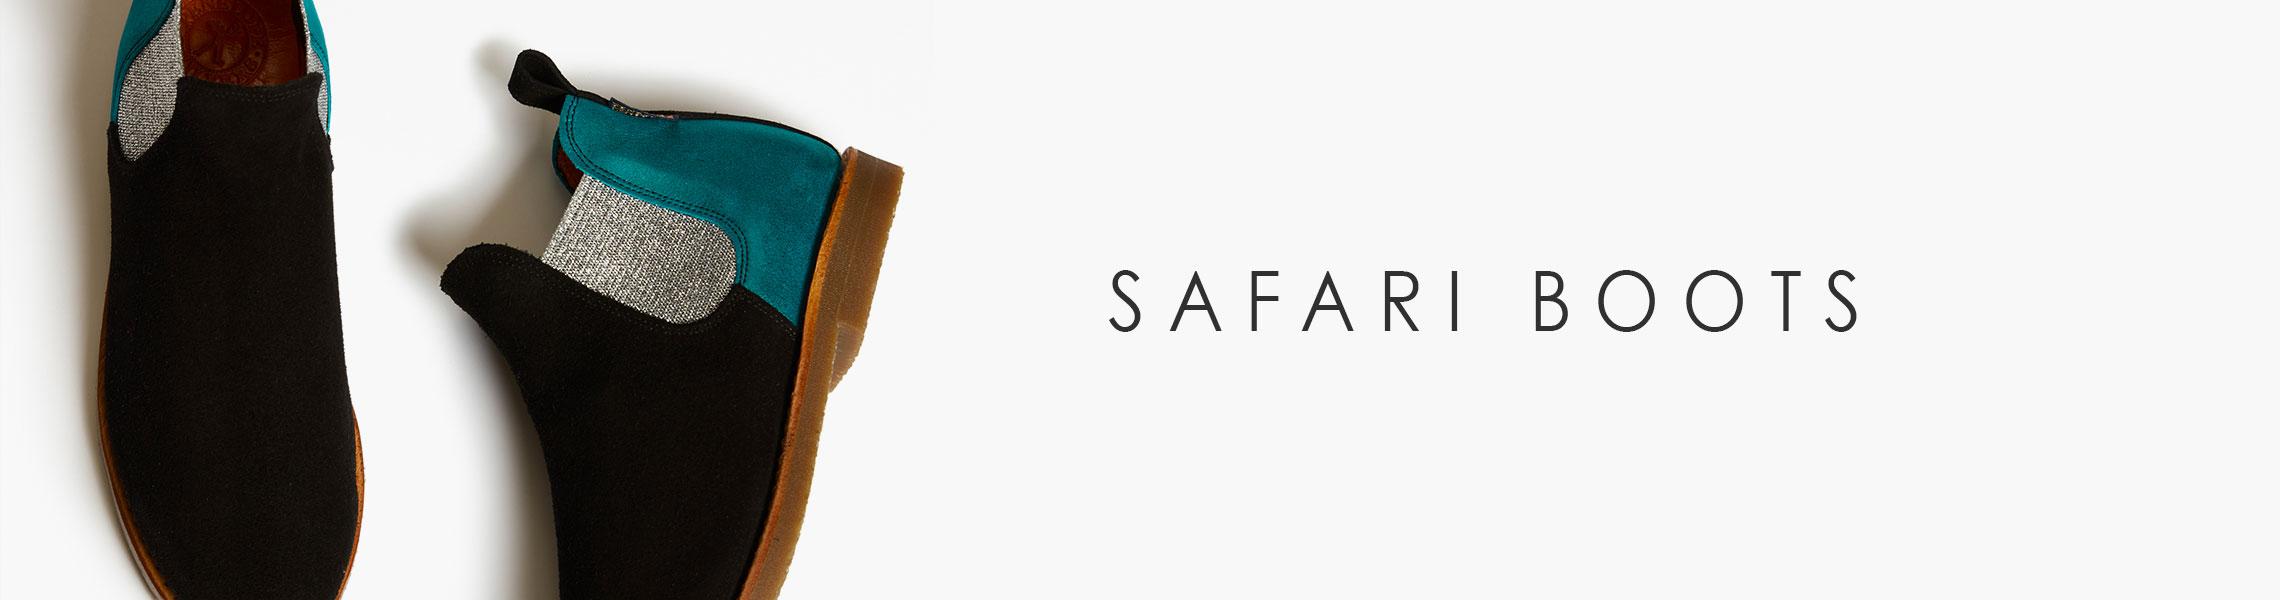 SAFARI BOOTS